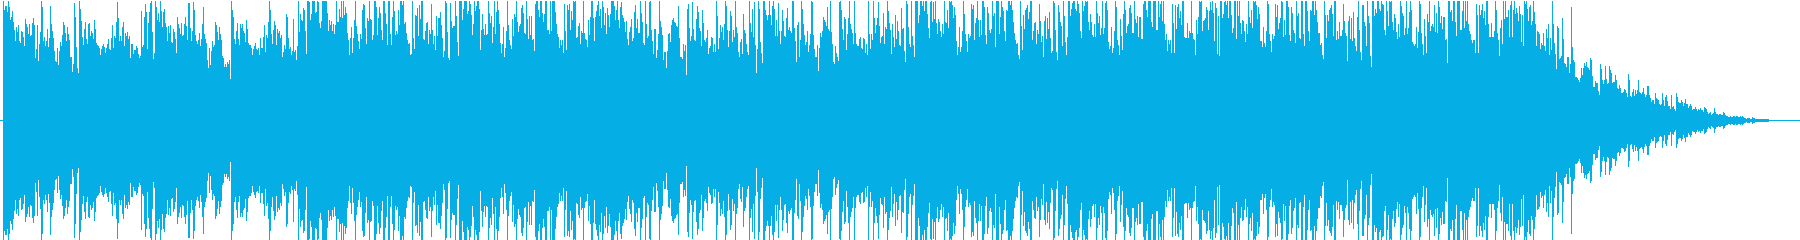 寂しく孤独な雰囲気のBGMの再生済みの波形